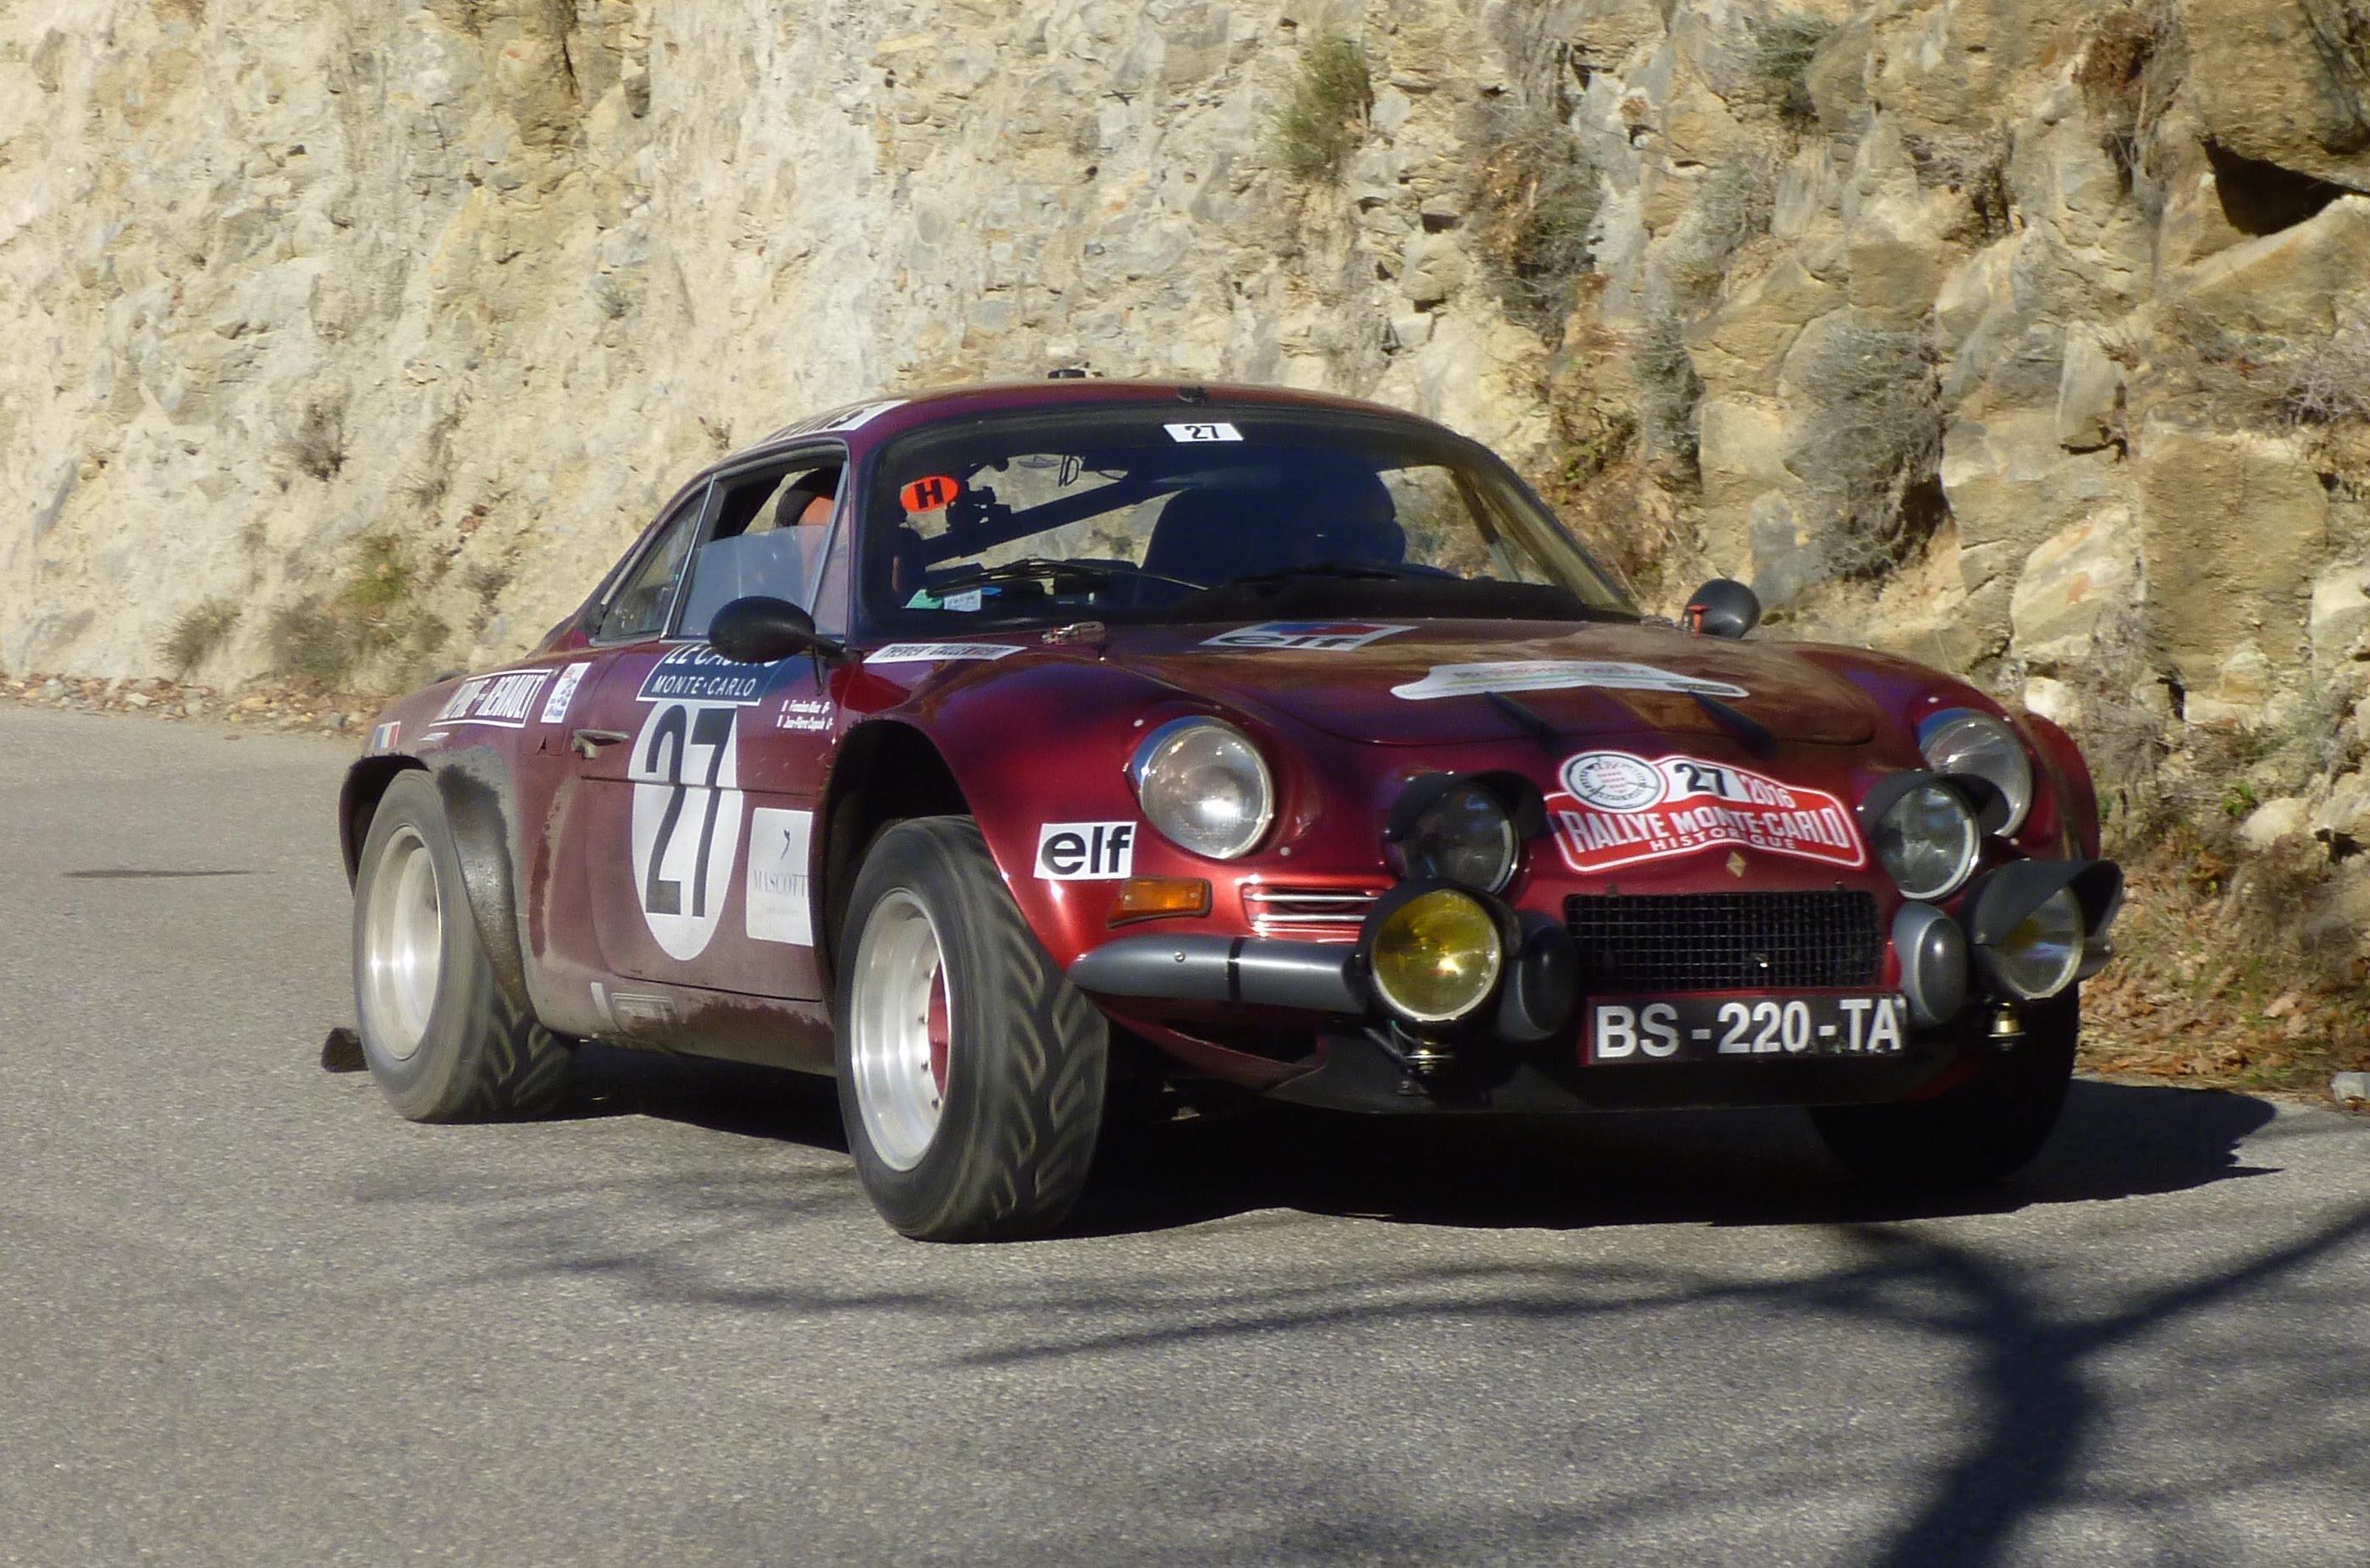 Alle leuke evenementen! : 23ème Rallye de Monte Carlo Historique